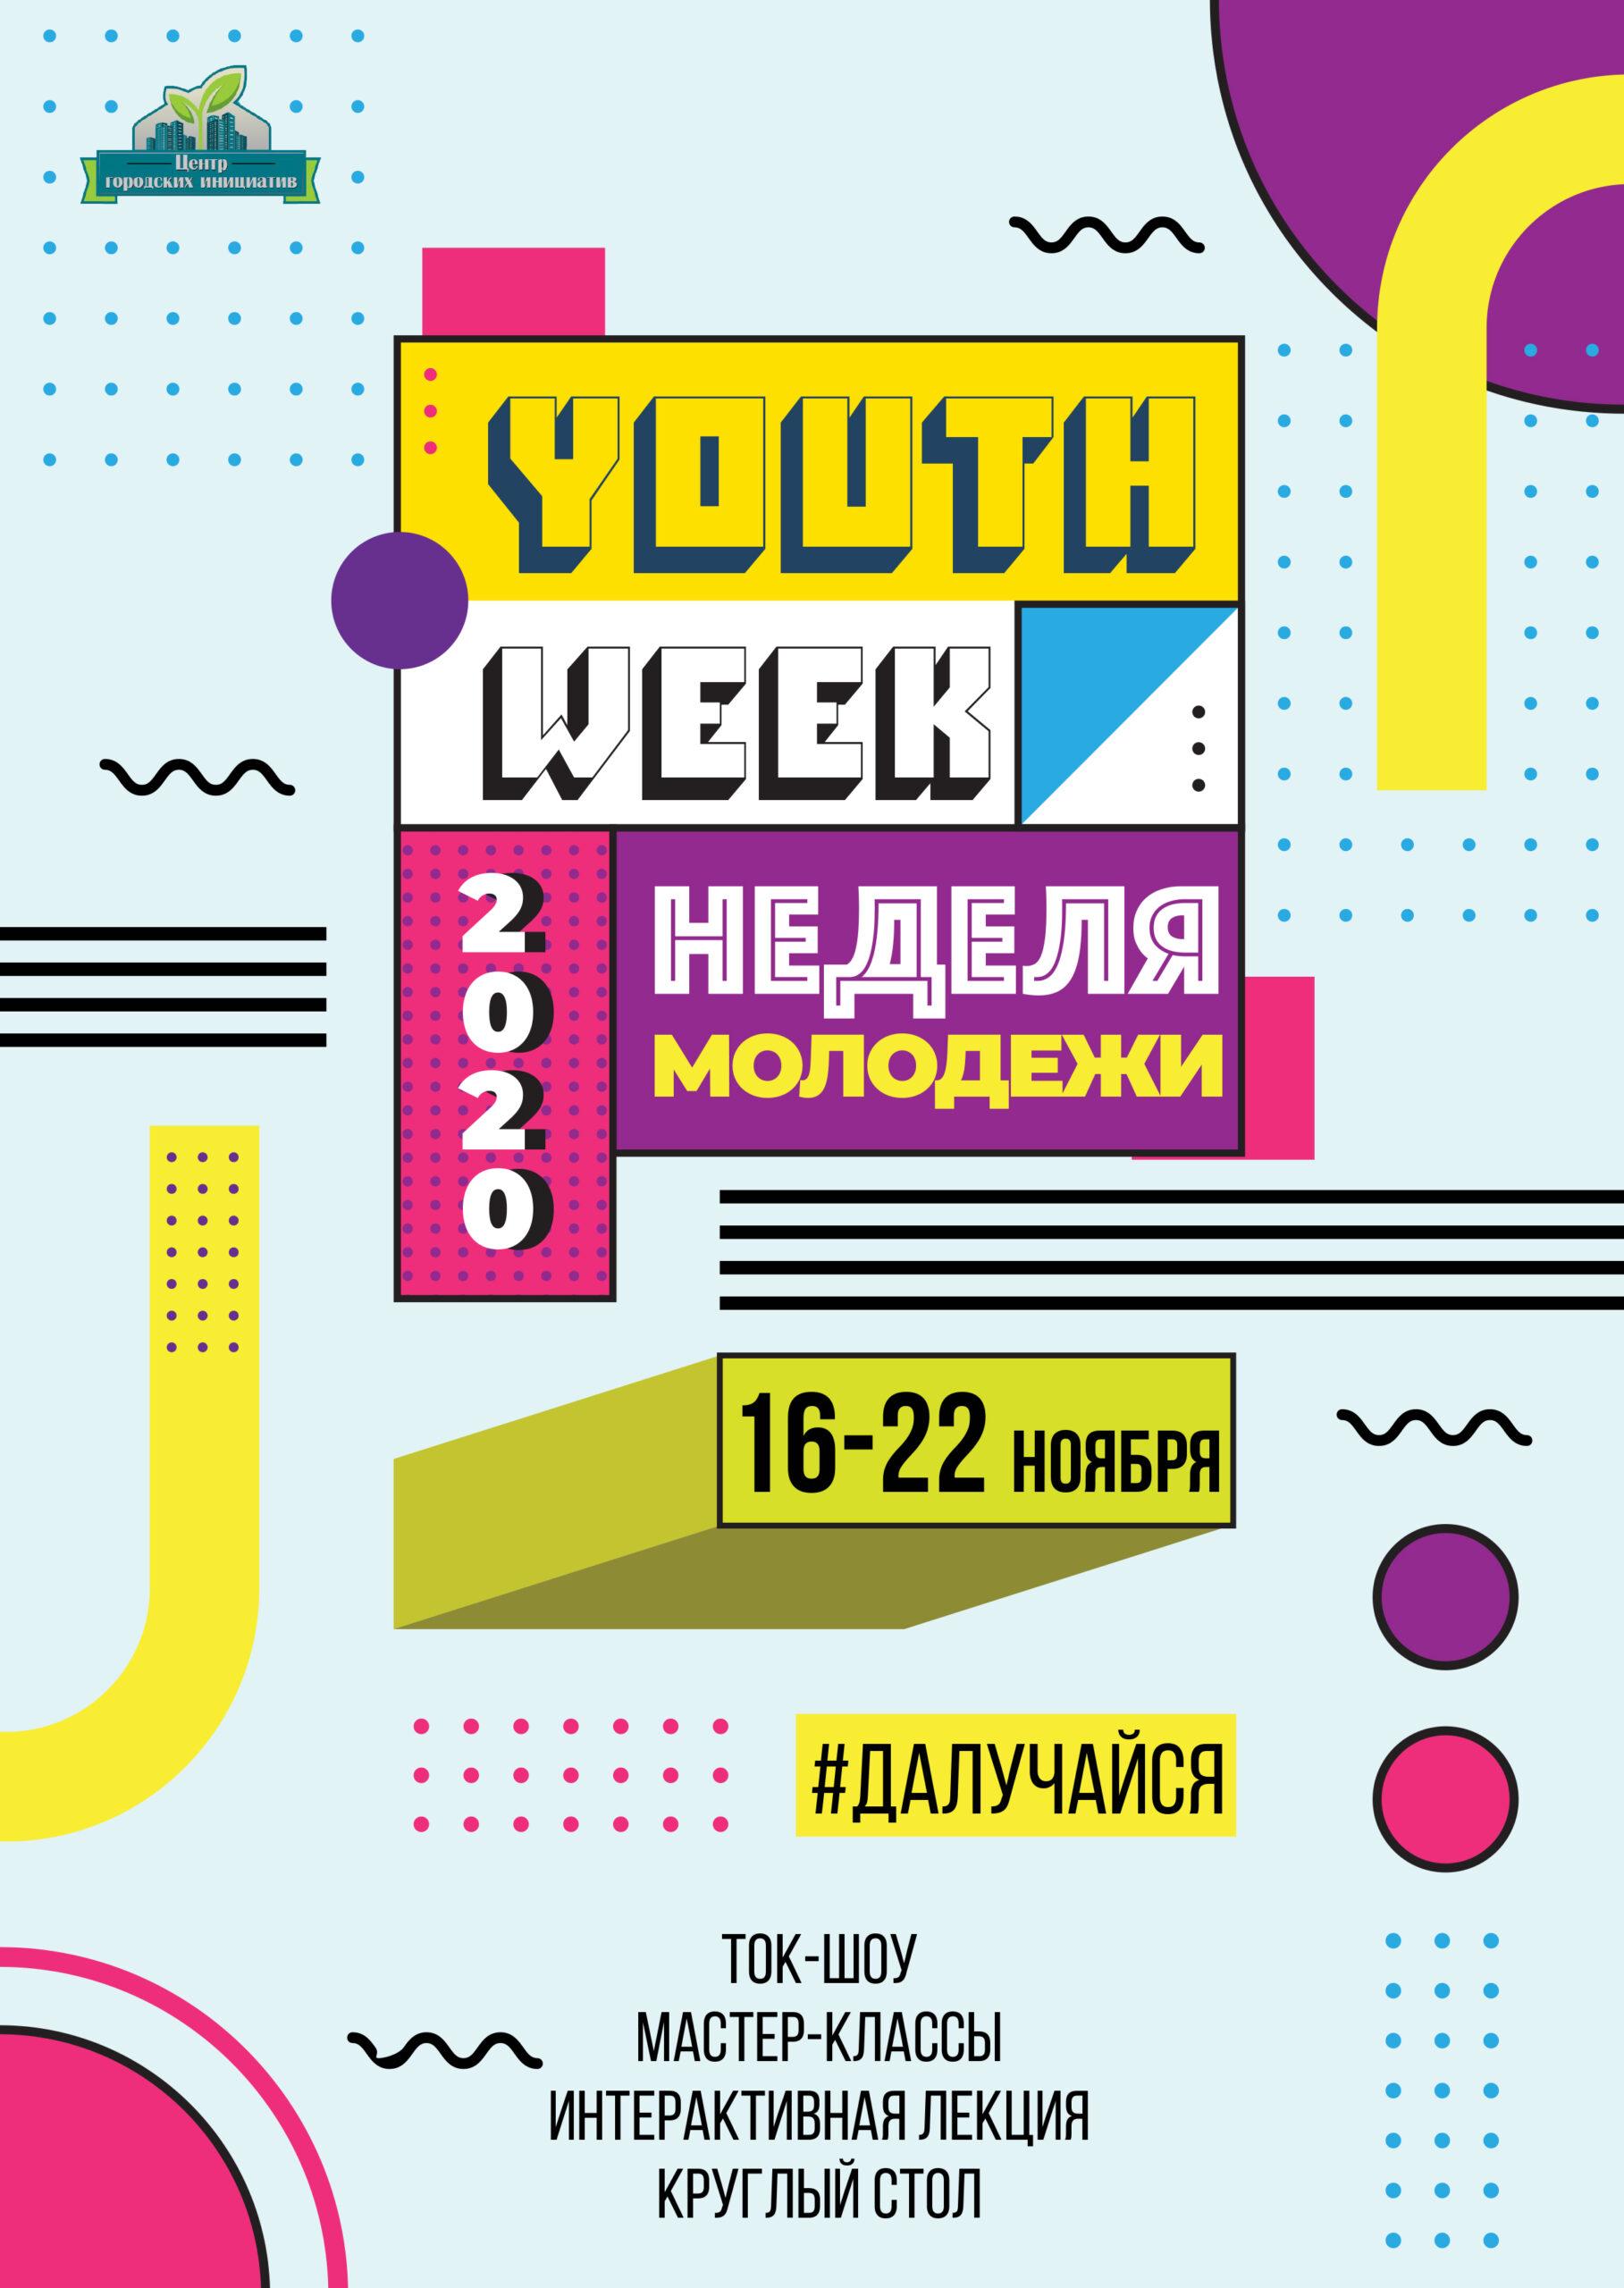 Неделя_молодежи